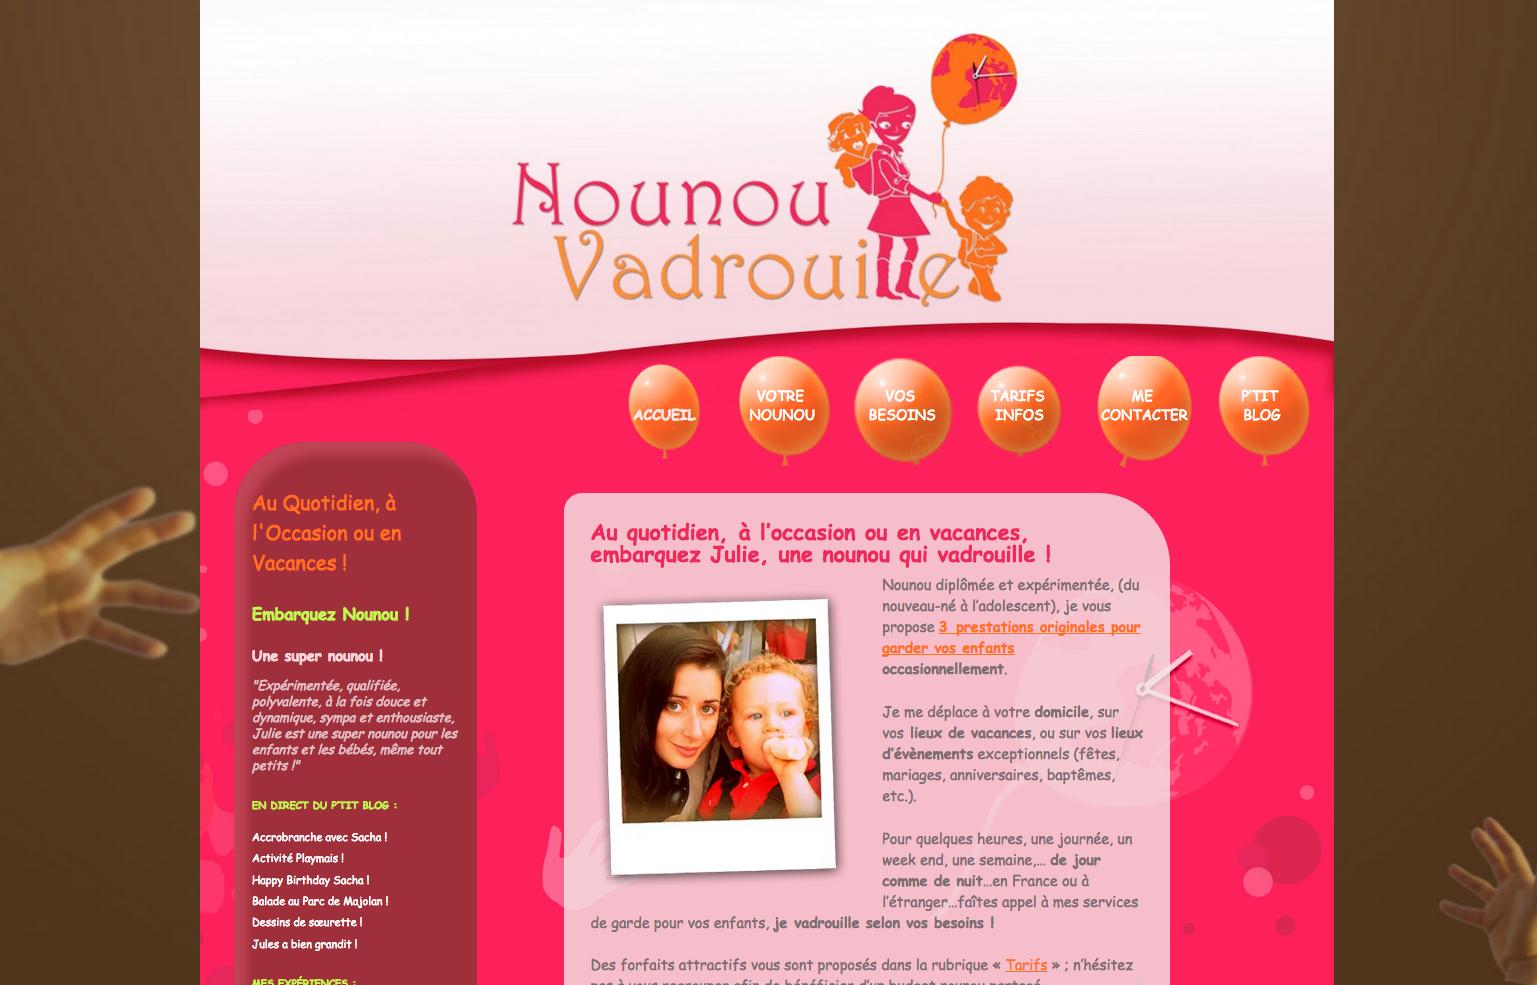 http://nounouvadrouille.fr